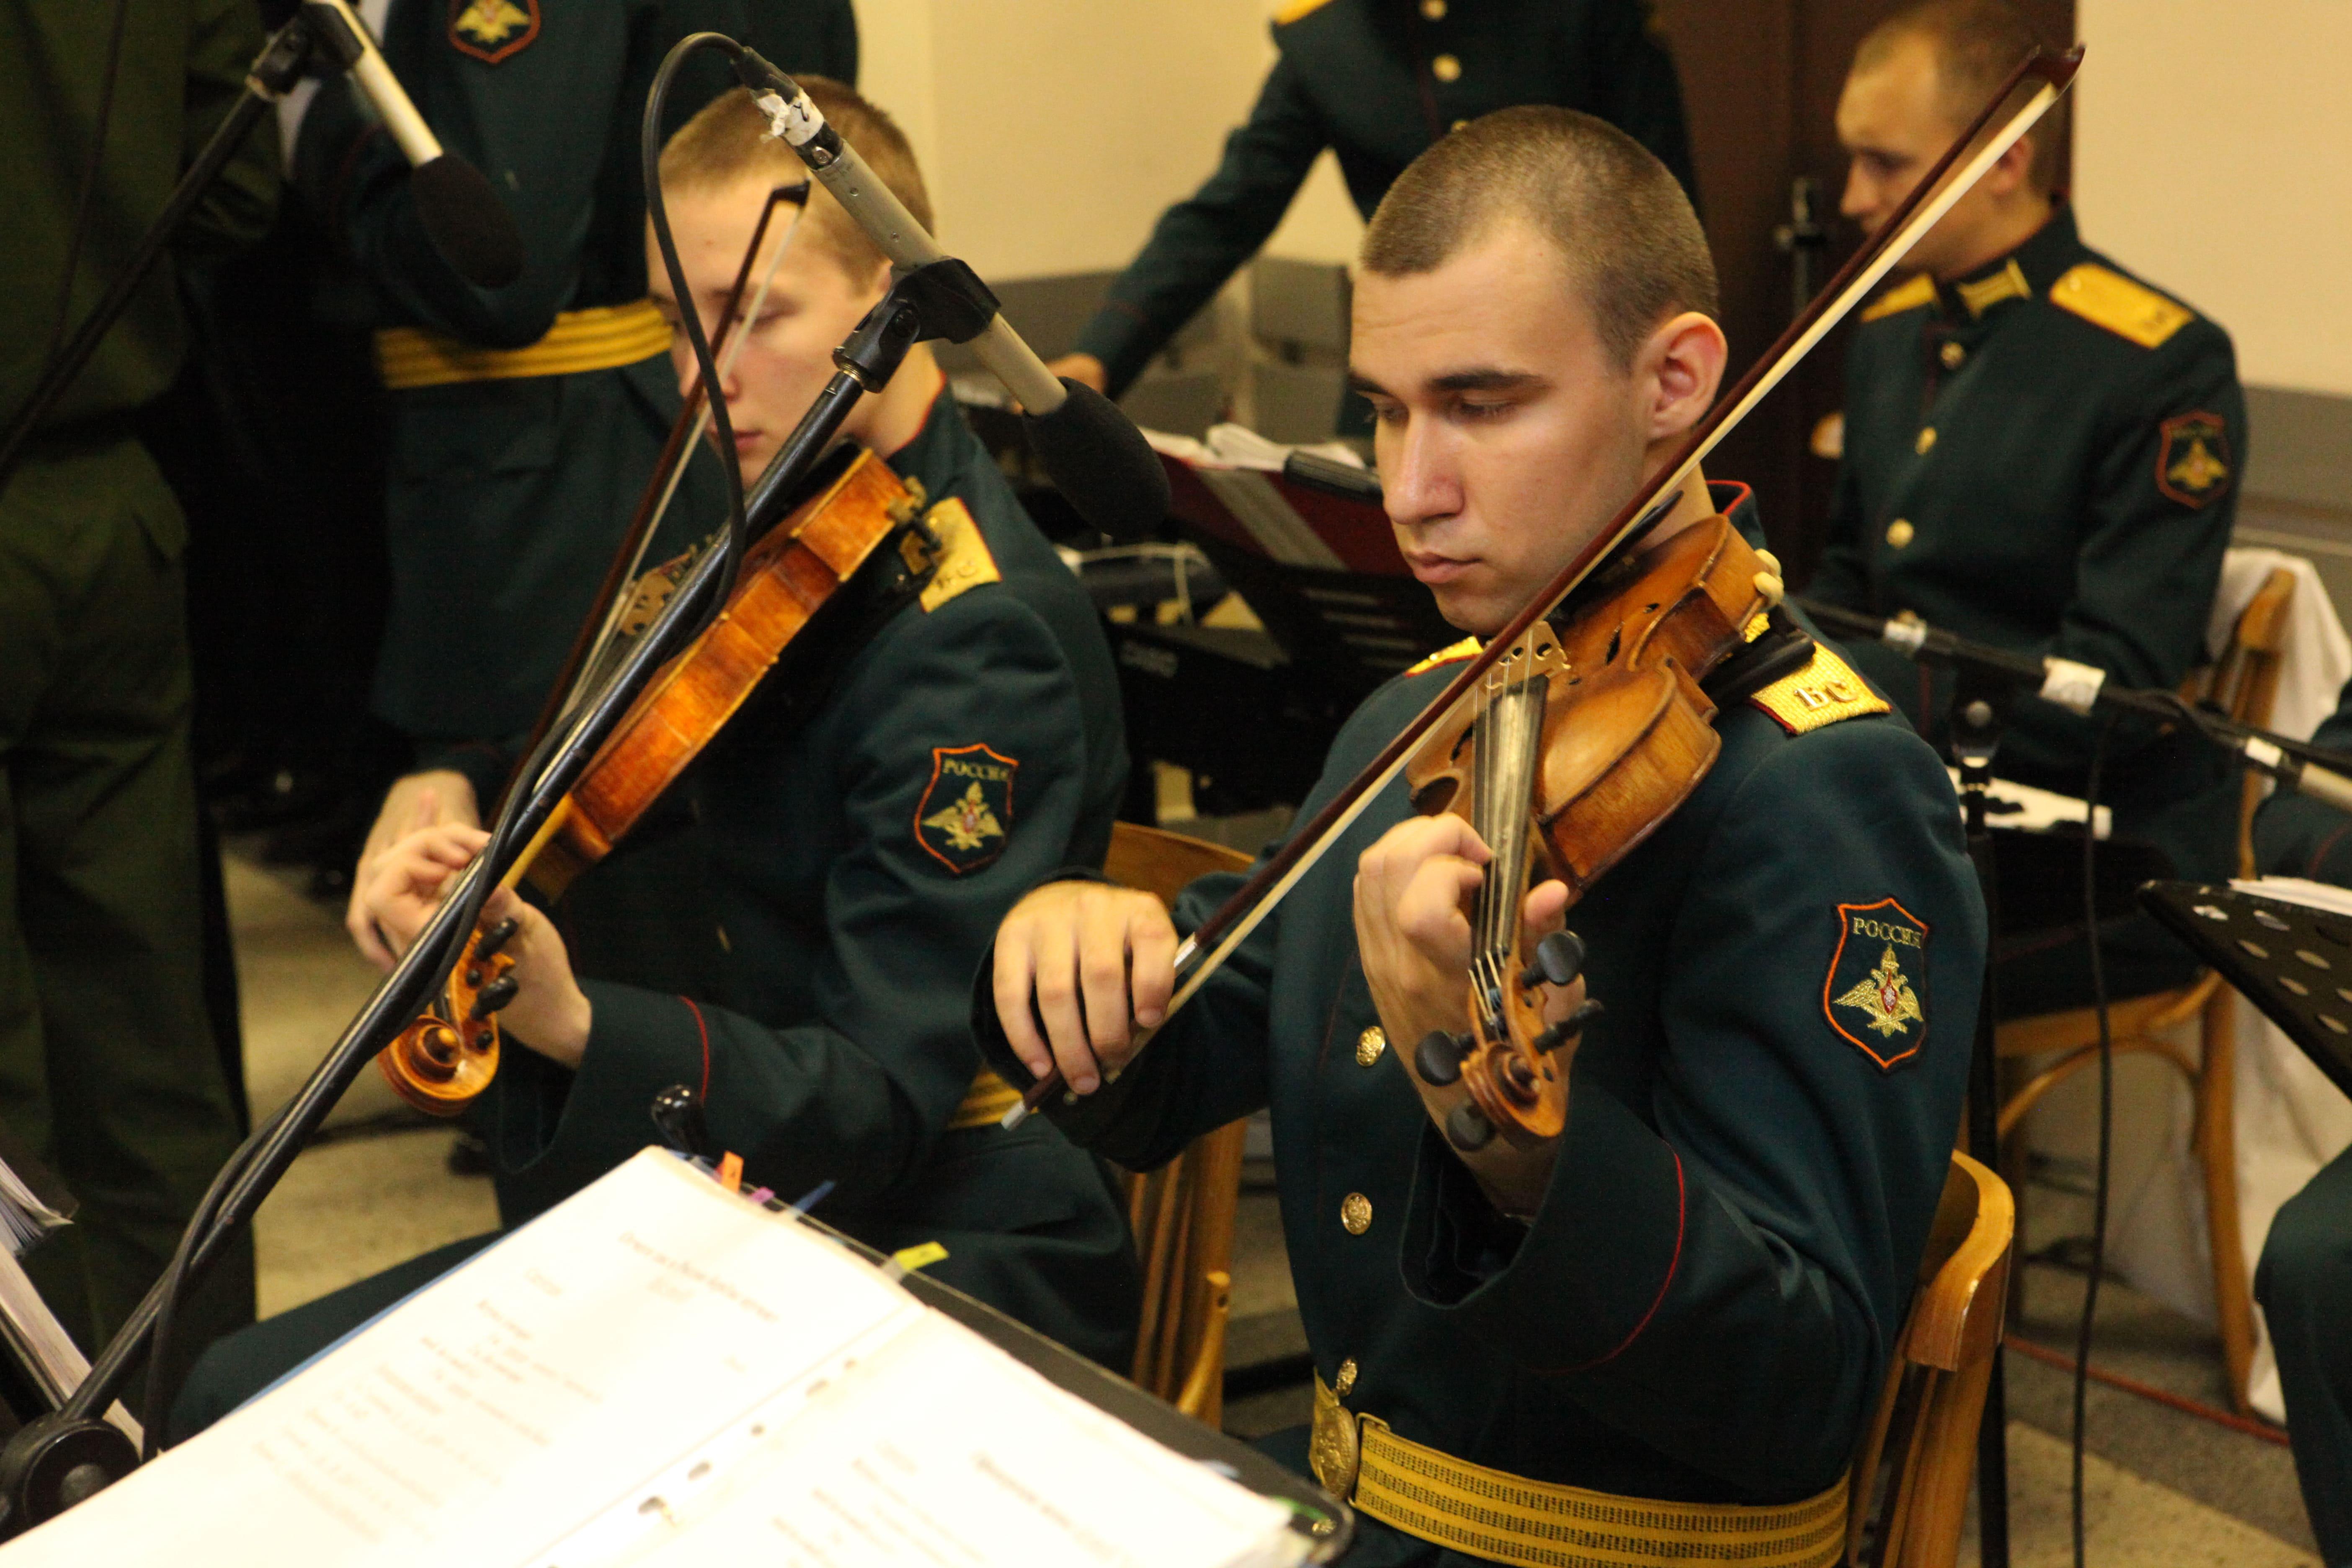 В день памяти покровителя всех учащихся преподобного Сергия Радонежского в Военно-медицинской академии состоялся концерт для курсантов и сотрудников